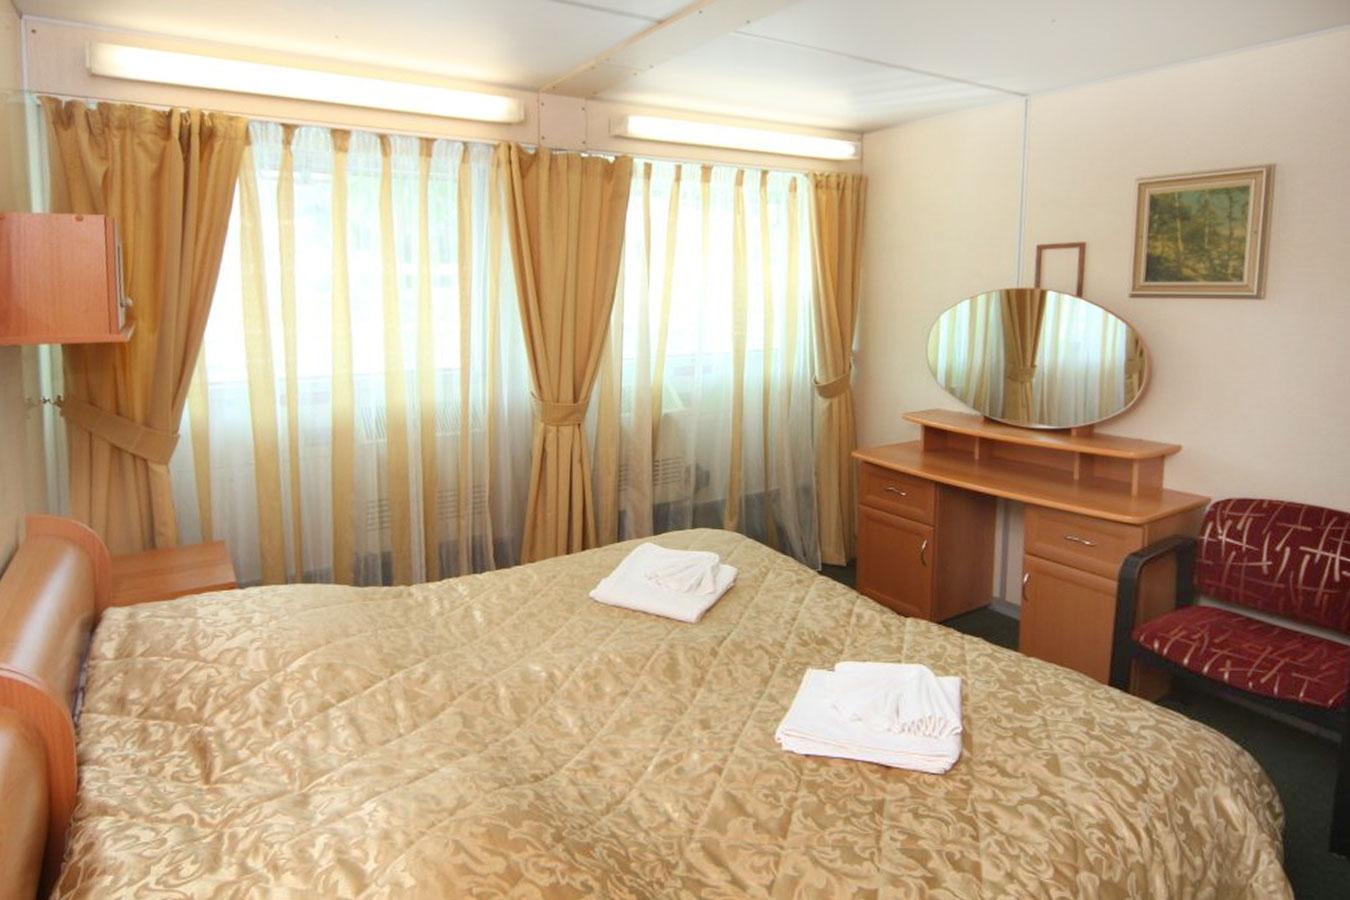 семен буденный теплоход фото люкс трехместный эта зона